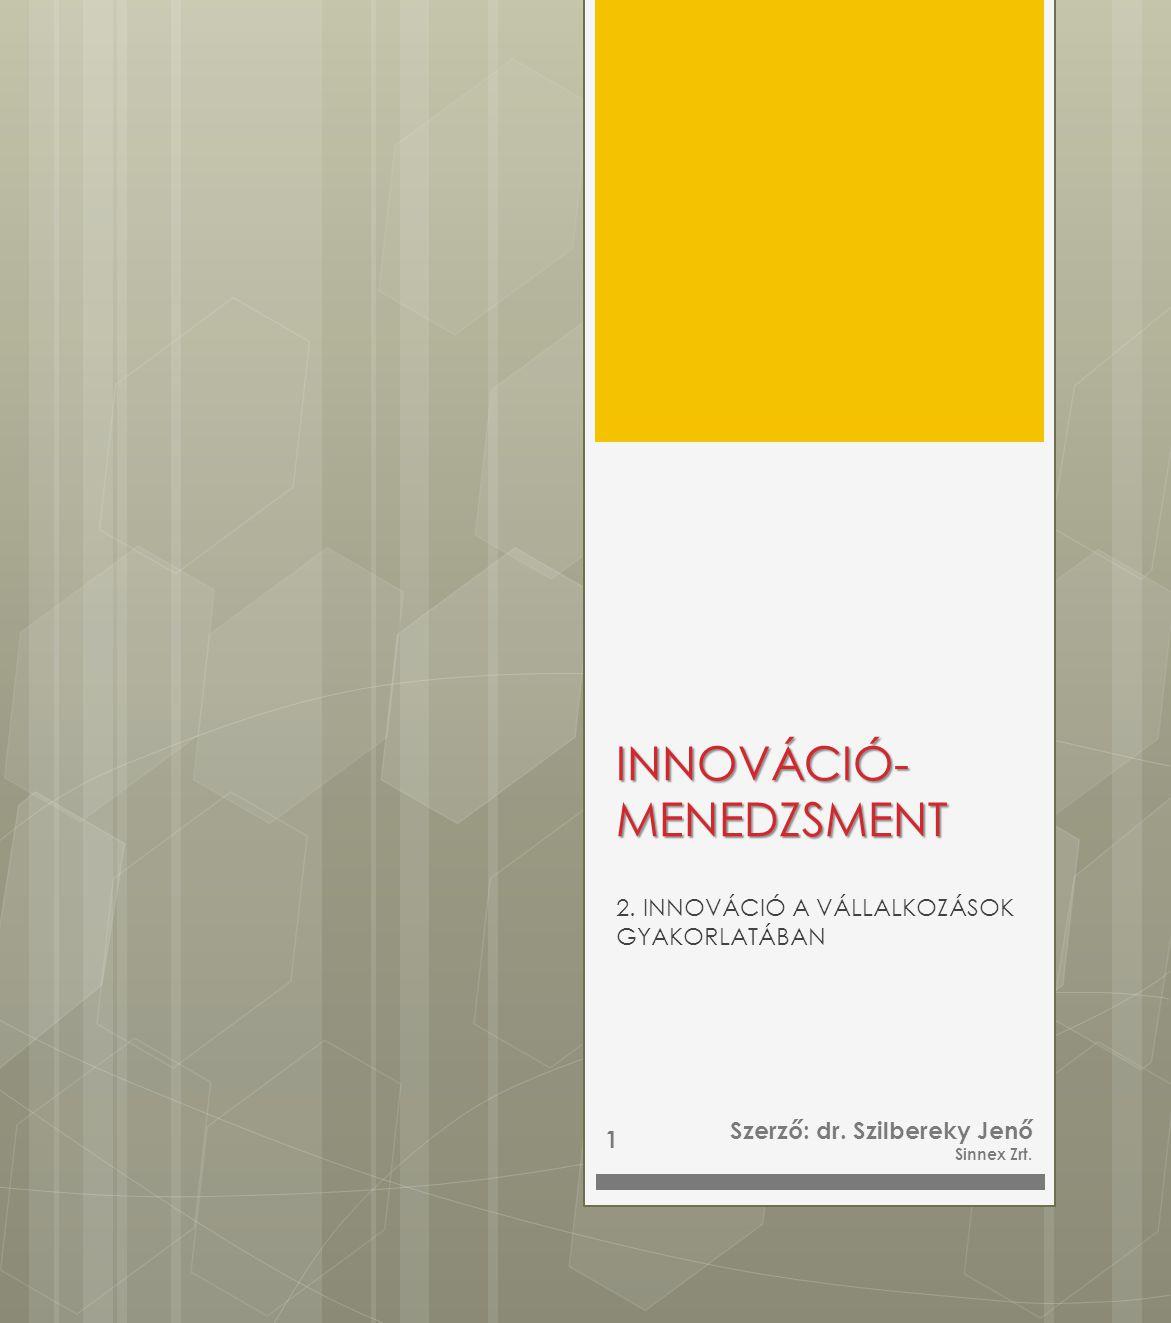 INNOVÁCIÓ- MENEDZSMENT 2. INNOVÁCIÓ A VÁLLALKOZÁSOK GYAKORLATÁBAN Szerző: dr. Szilbereky Jenő Sinnex Zrt. 1